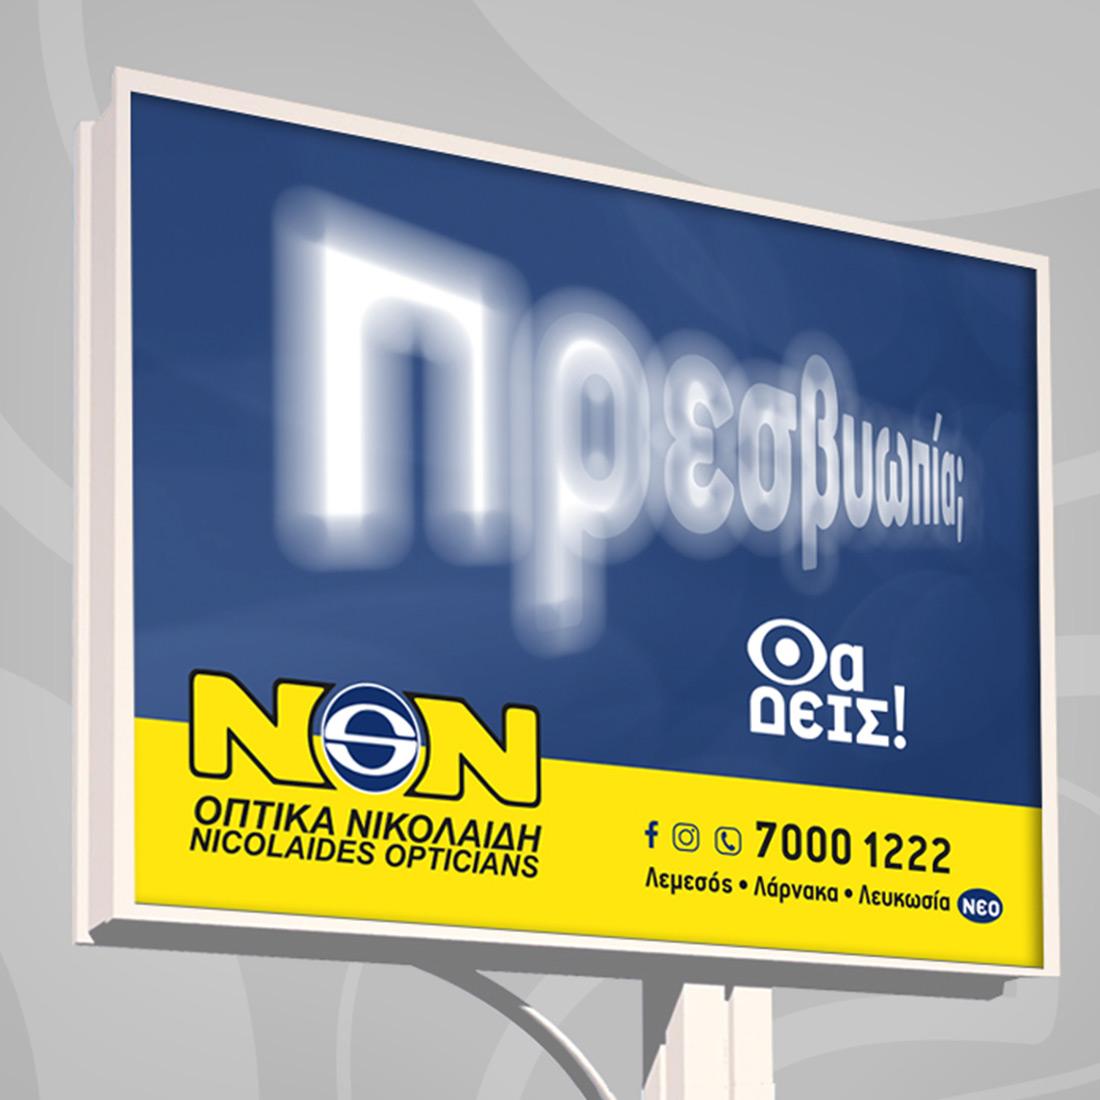 Brandlicious Advertising - Portfolio, Pisa